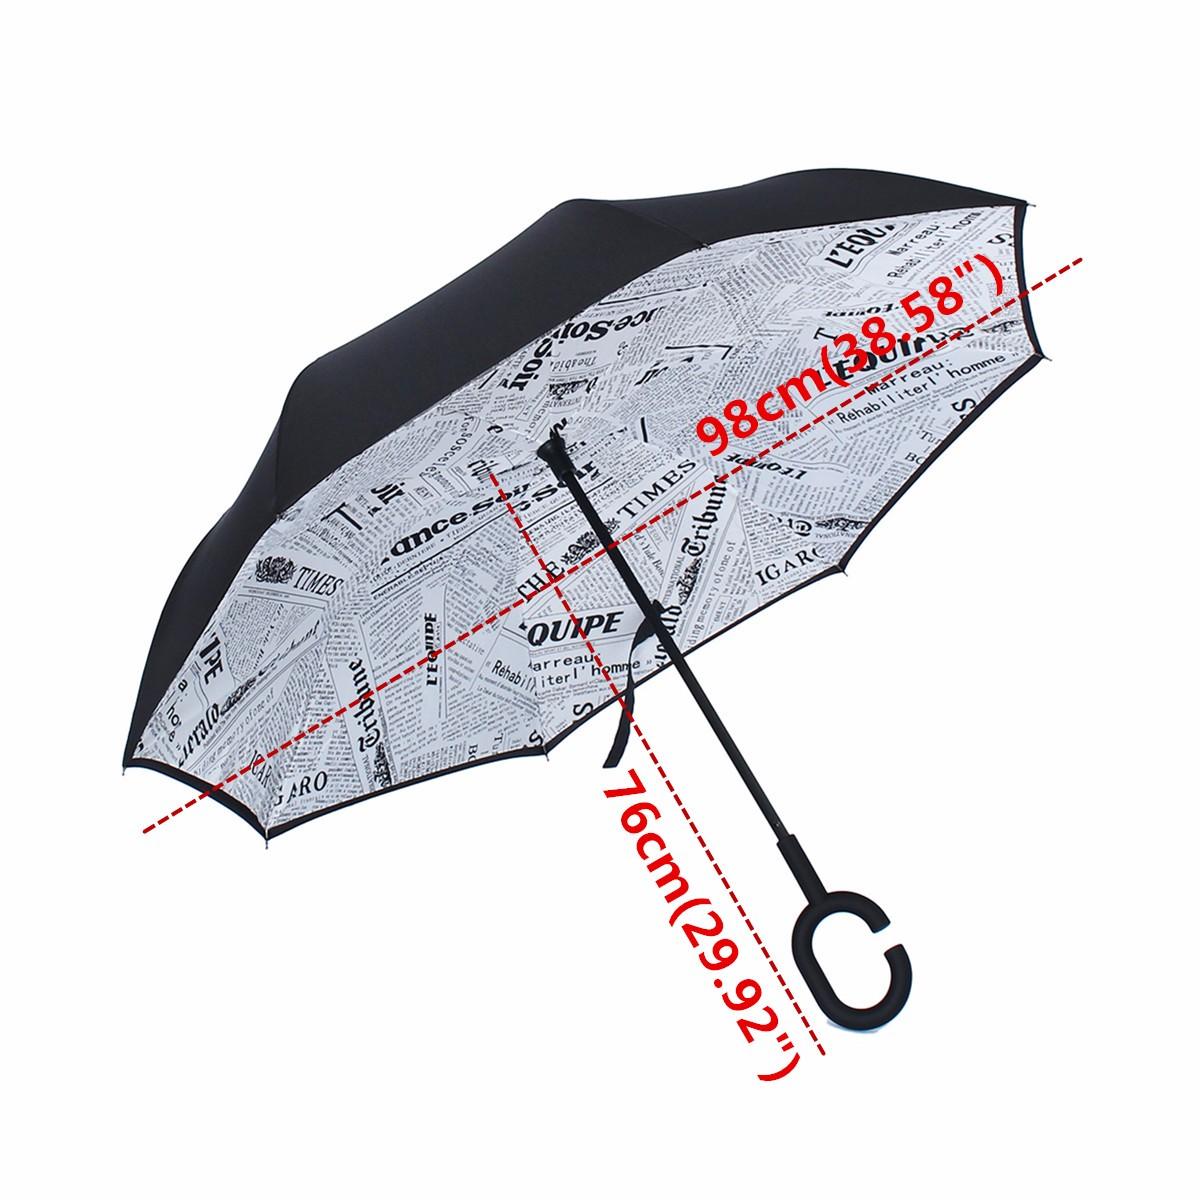 parapluie pliant automatique imprim invers double anti soleil uv vent parasol blanc journal. Black Bedroom Furniture Sets. Home Design Ideas